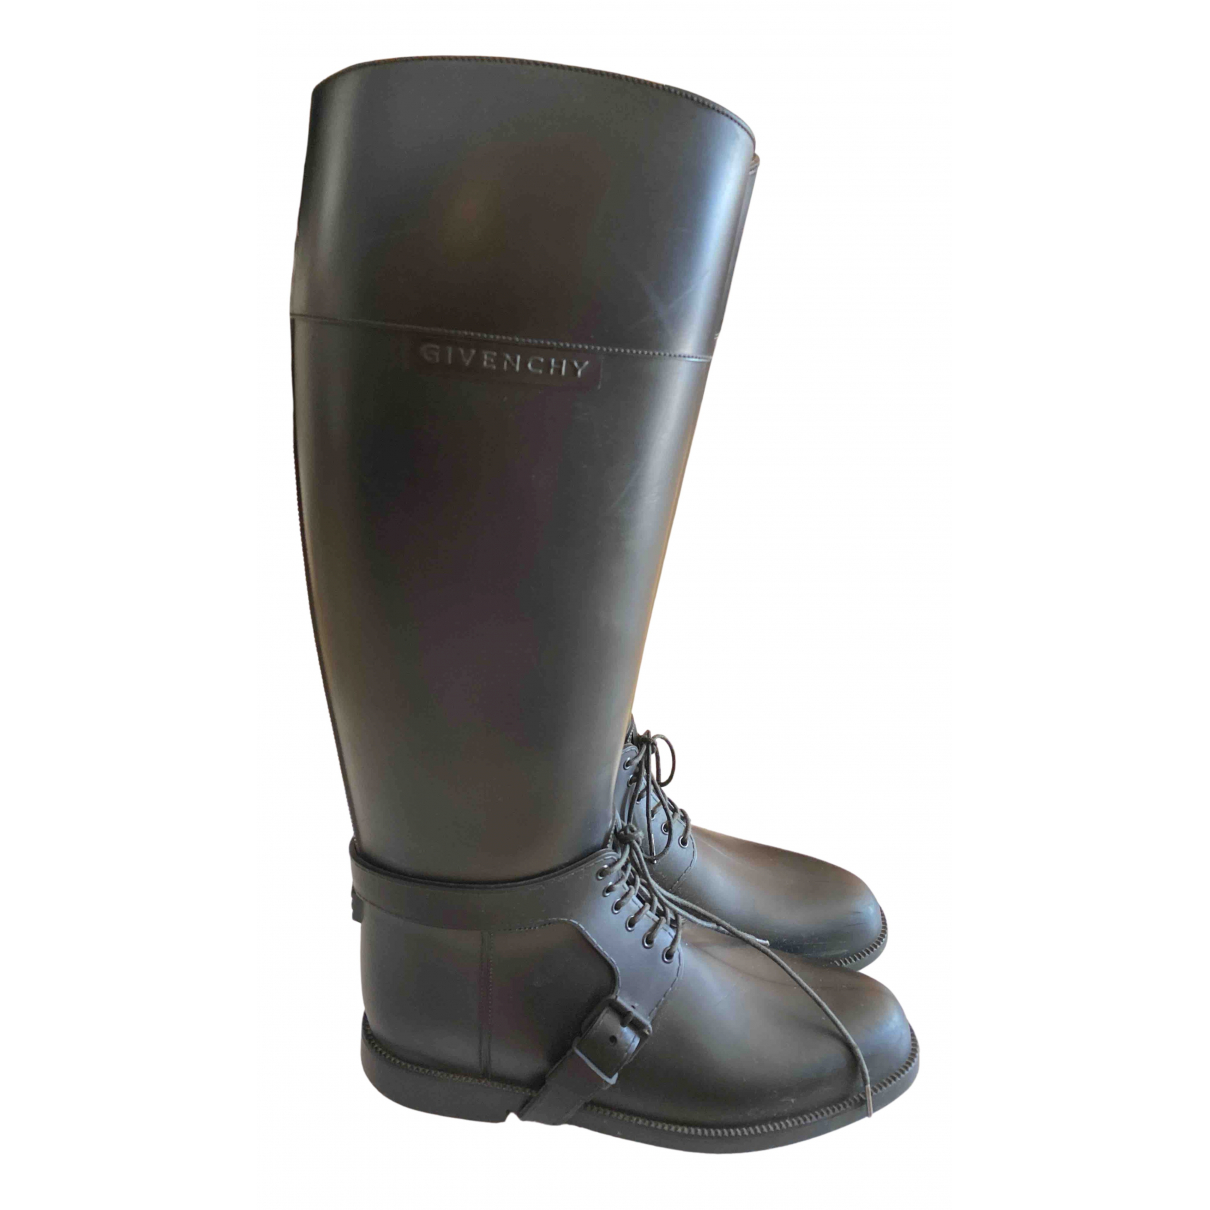 Givenchy - Bottes   pour femme en caoutchouc - noir